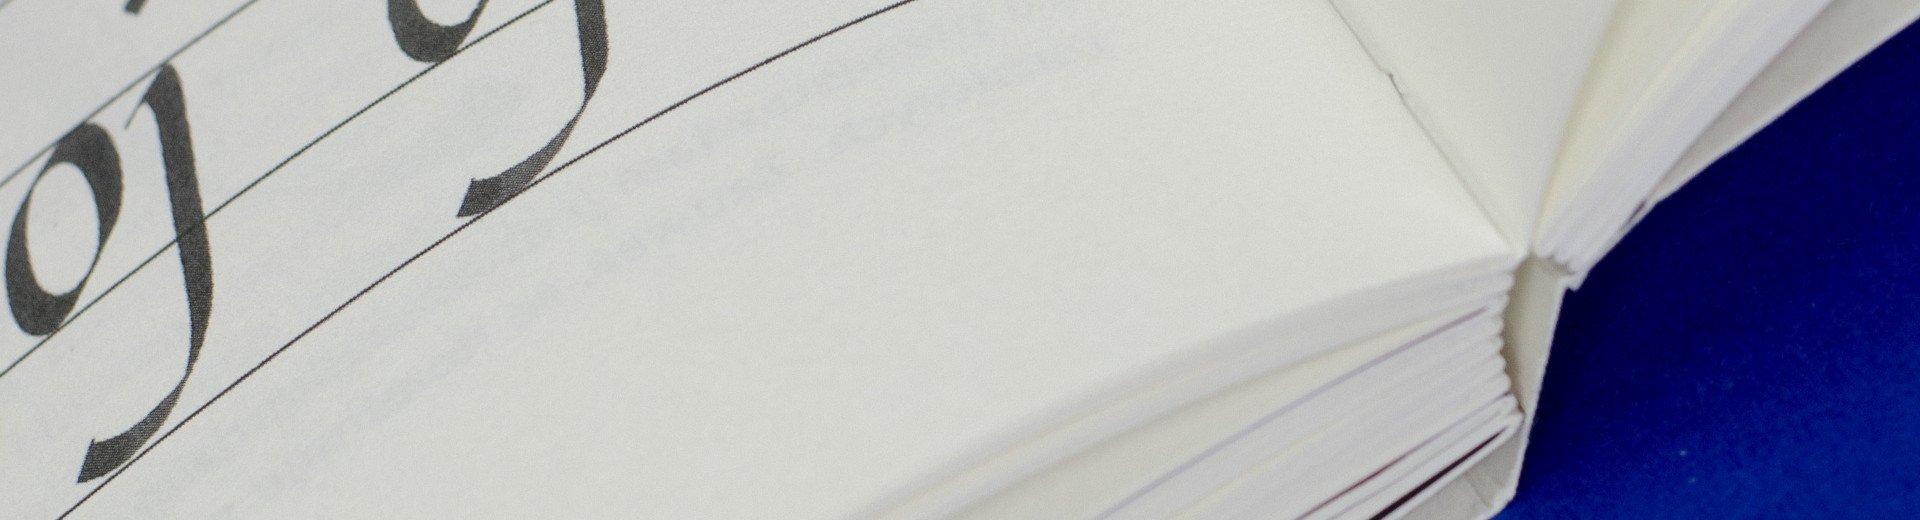 Okładka artykułu Piękna Litera. Uncjała, italika — Recenzja podręcznika kaligrafii autorstwa Barbary Bodziony i Ewy Landowskiej